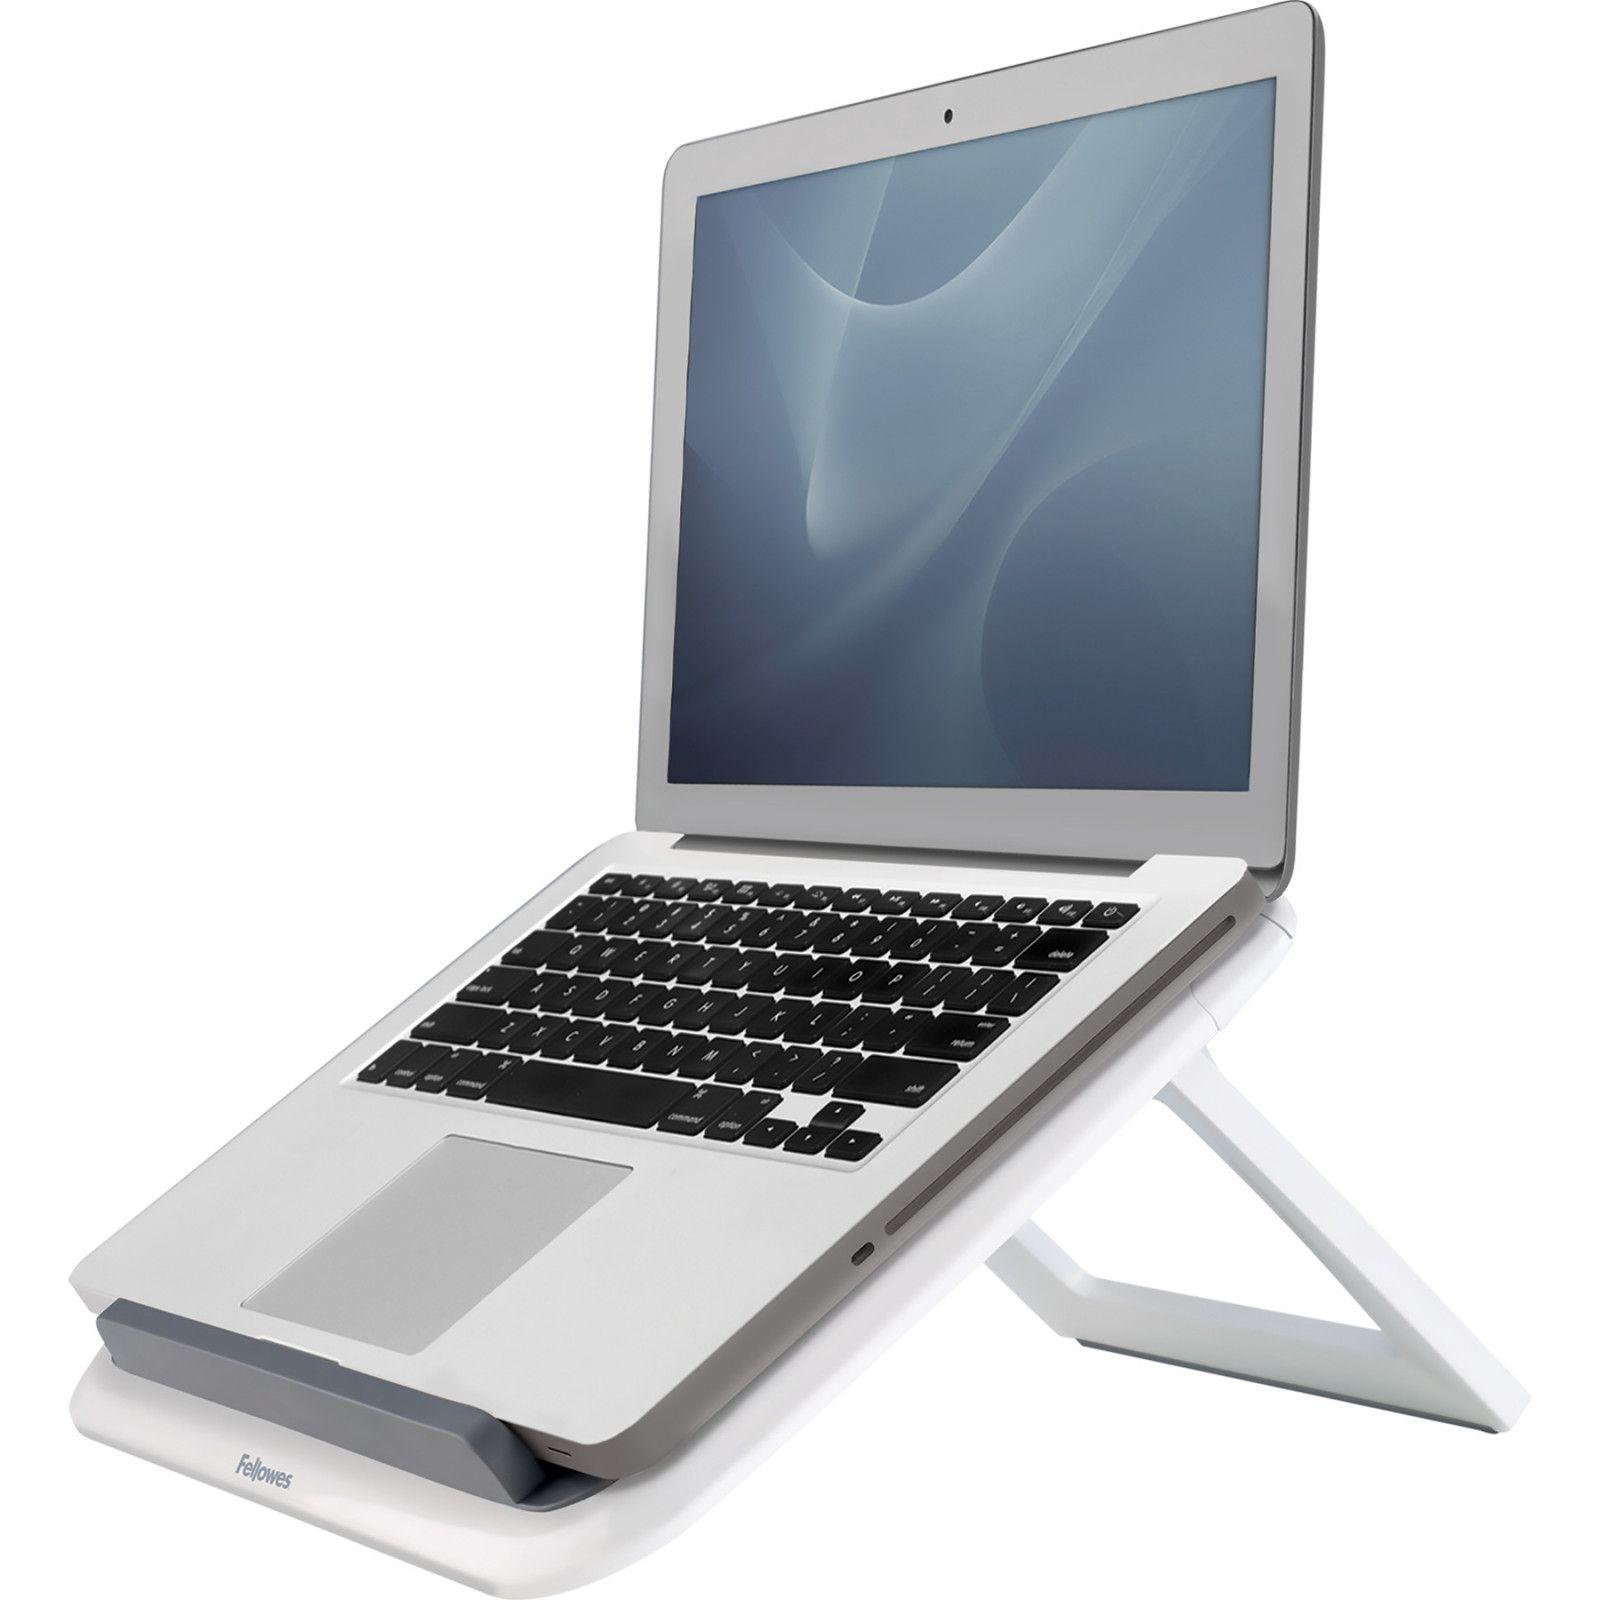 Fellowes I-Spire Series Quick Lift - support pour ordinateur portable